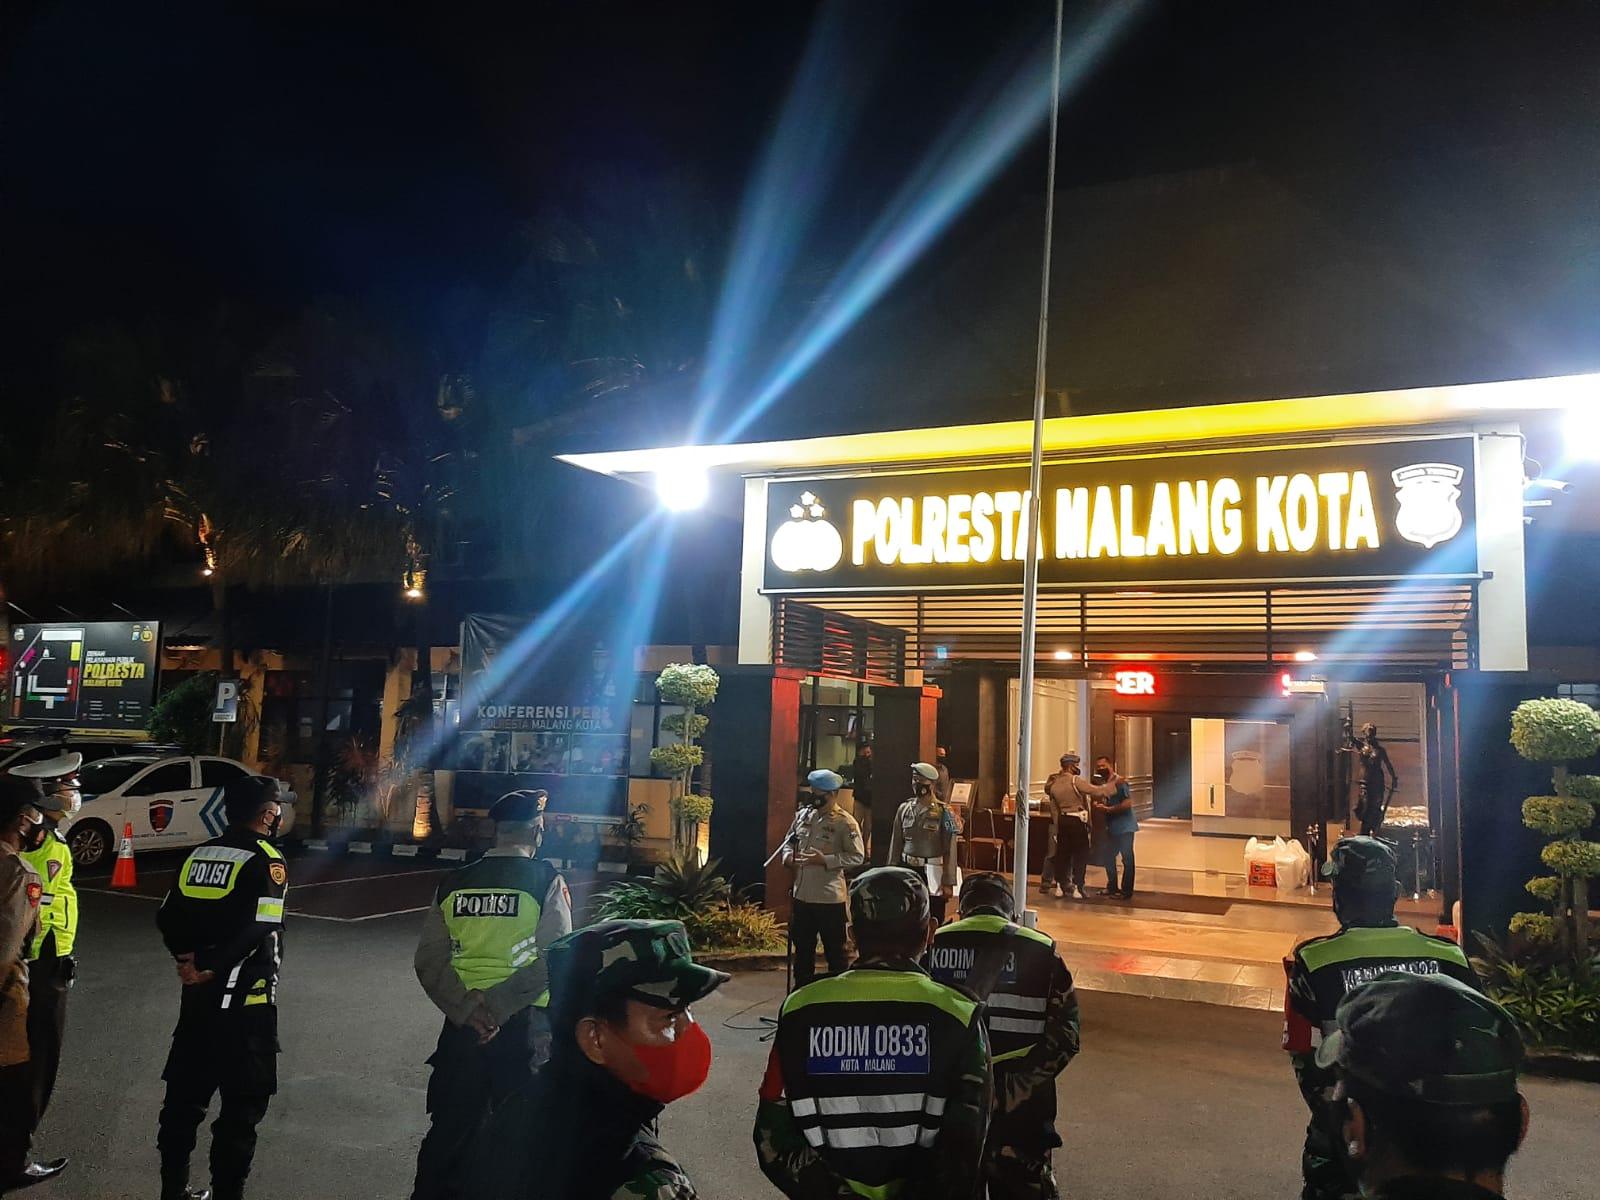 Polres Malang Kota, personel Kodim 0833, dan Satpol PP Kota Malang menggelar patroli gabungan untuk mencegah persebaran Covid-19 pada Jumat malam (08/10/2021). (Foto: Rubianto/Tugu Malang/Tugu Jatim)